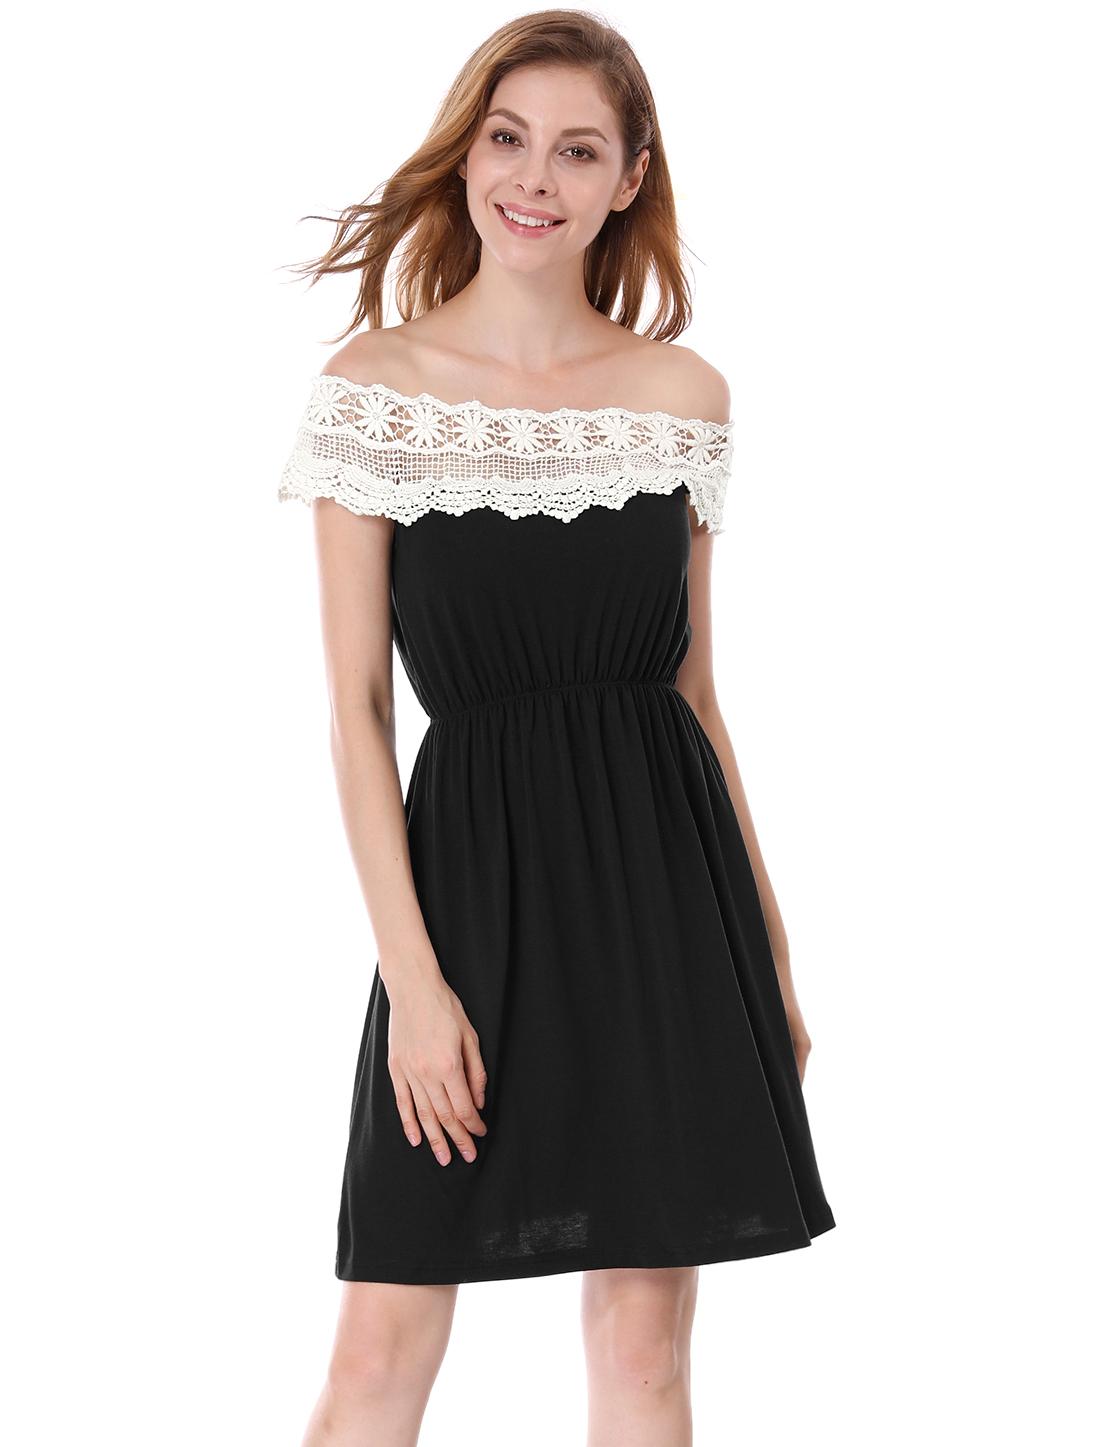 White Crotcheted Lace Boat Neck Black Sleeveless Mini Dress for Lady XS